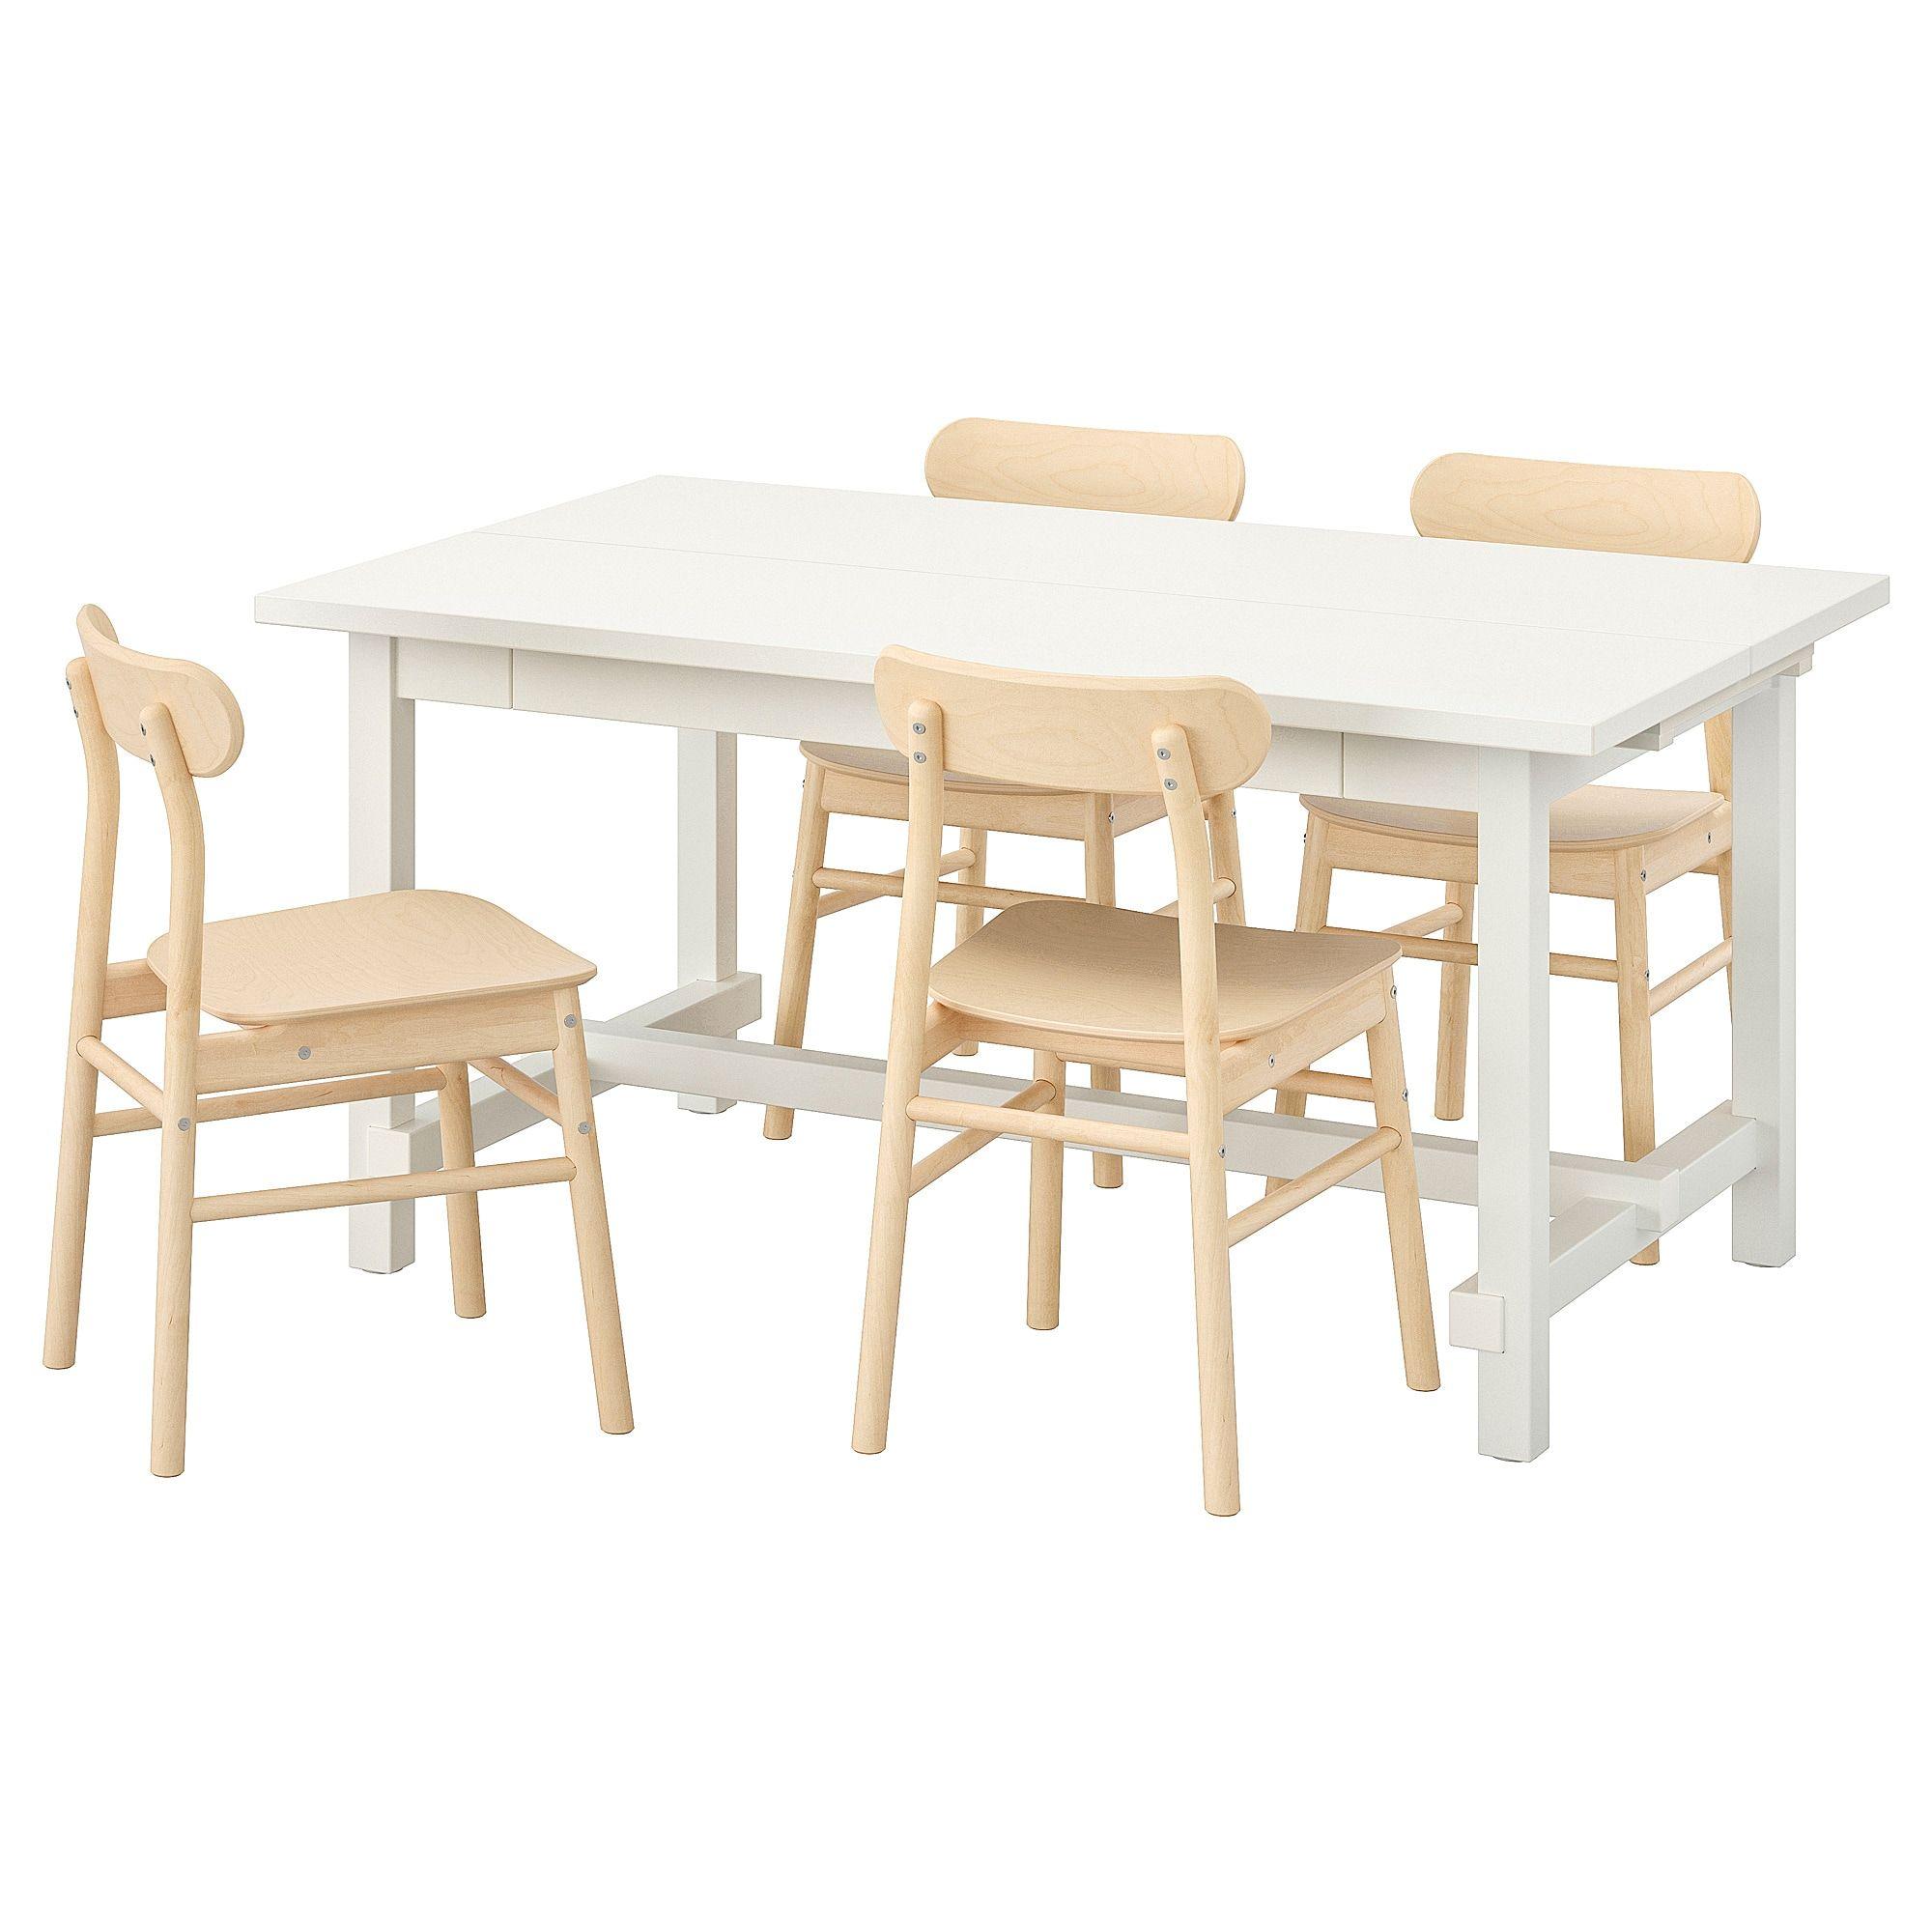 Nordviken Ronninge Tisch Und 4 Stuhle Weiss Birke Kuchentisch Und Stuhle Weisse Stuhle Esszimmertisch Holz